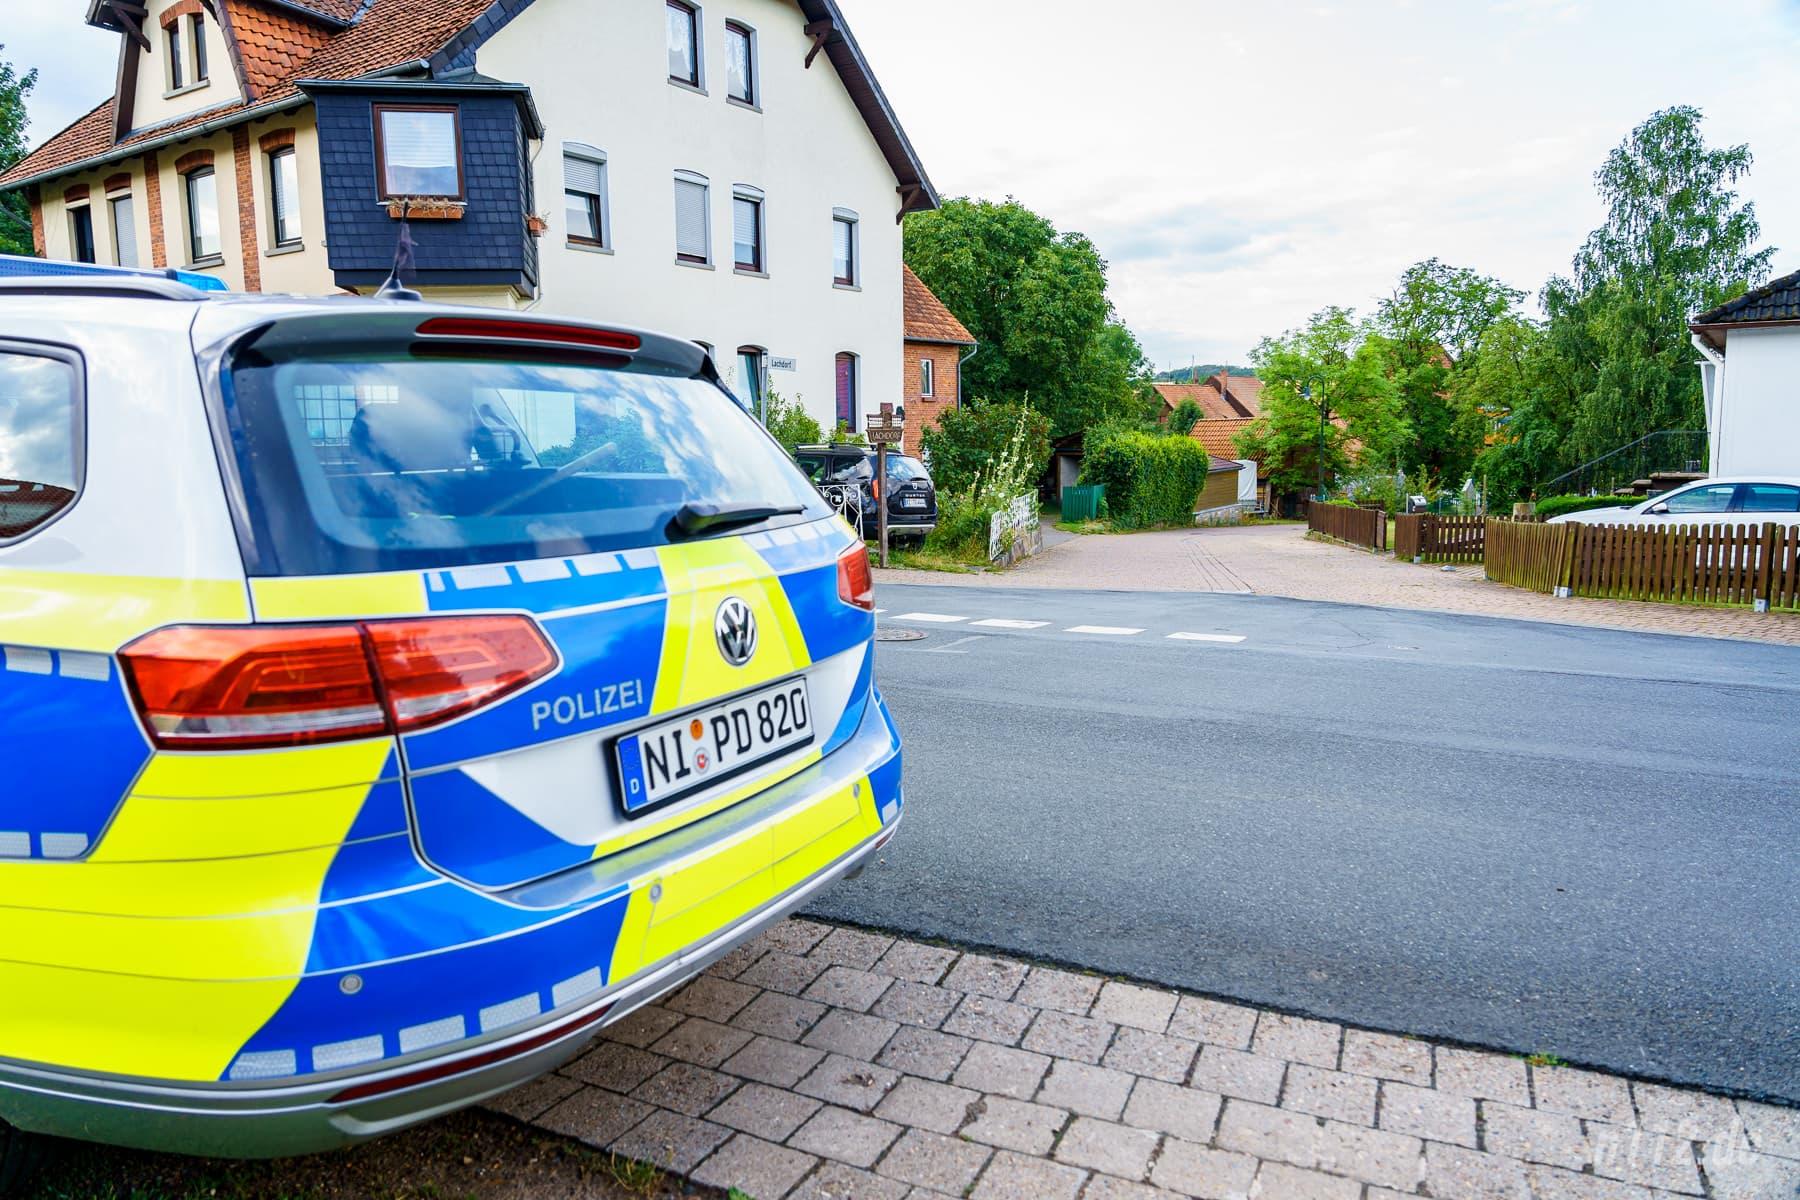 Mitgedacht: Die Polizei parkte abgesetzt vom Unglücksort, um die enge Straße nicht für die Feuerwehr zu blockieren (Foto: n112.de/Stefan Simonsen)